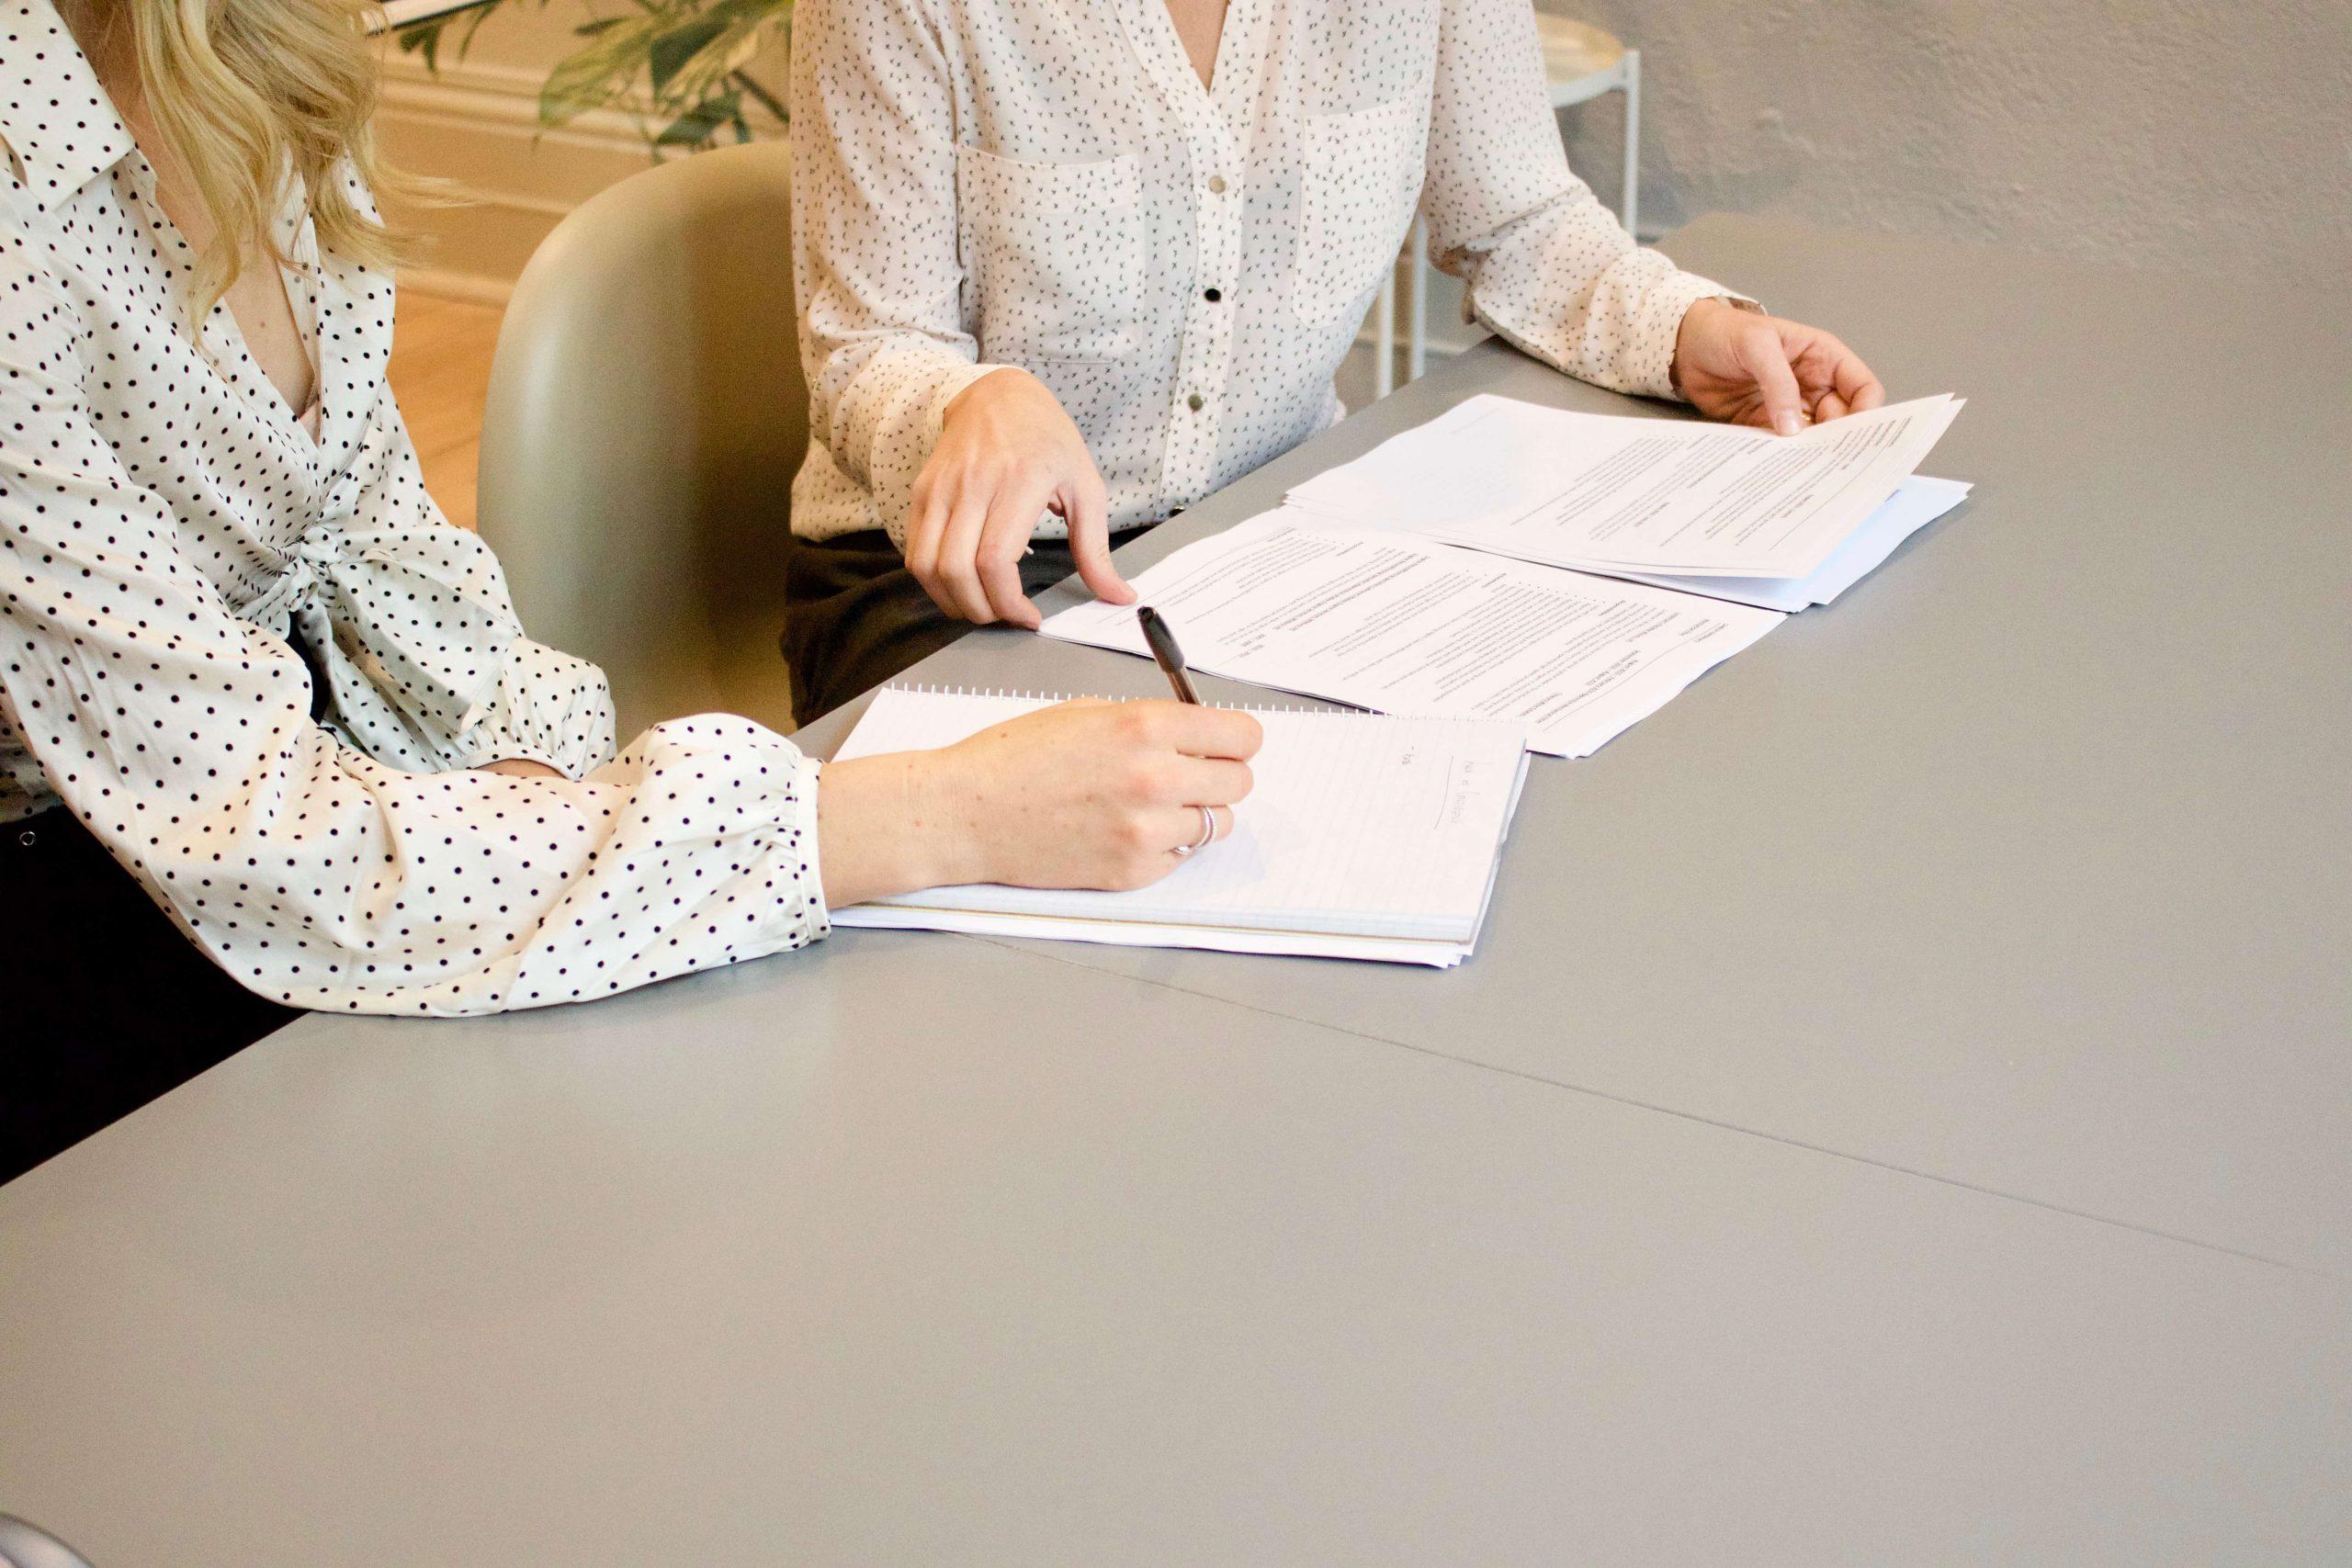 職歴なしでも正社員になれる5つのおすすめ転職サイト・エージェント